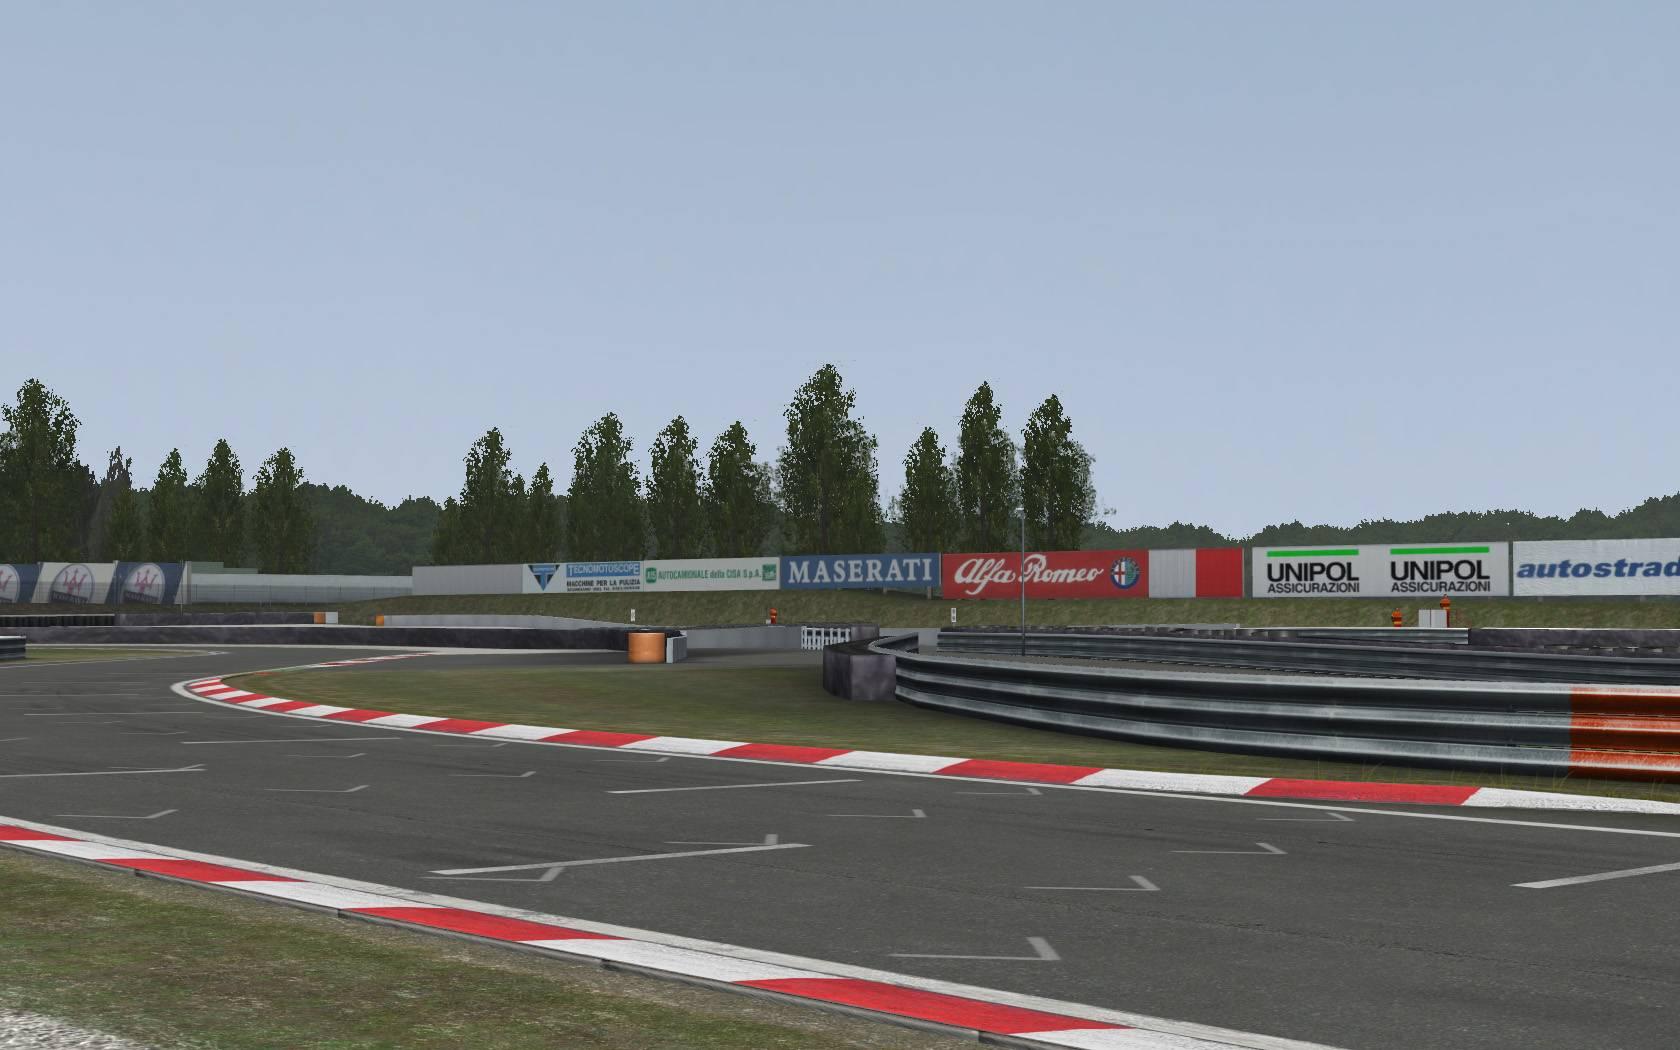 Autodromo Varano Calendario 2020.Presentata La Stagione 2015 Dell Autodromo Riccardo Paletti